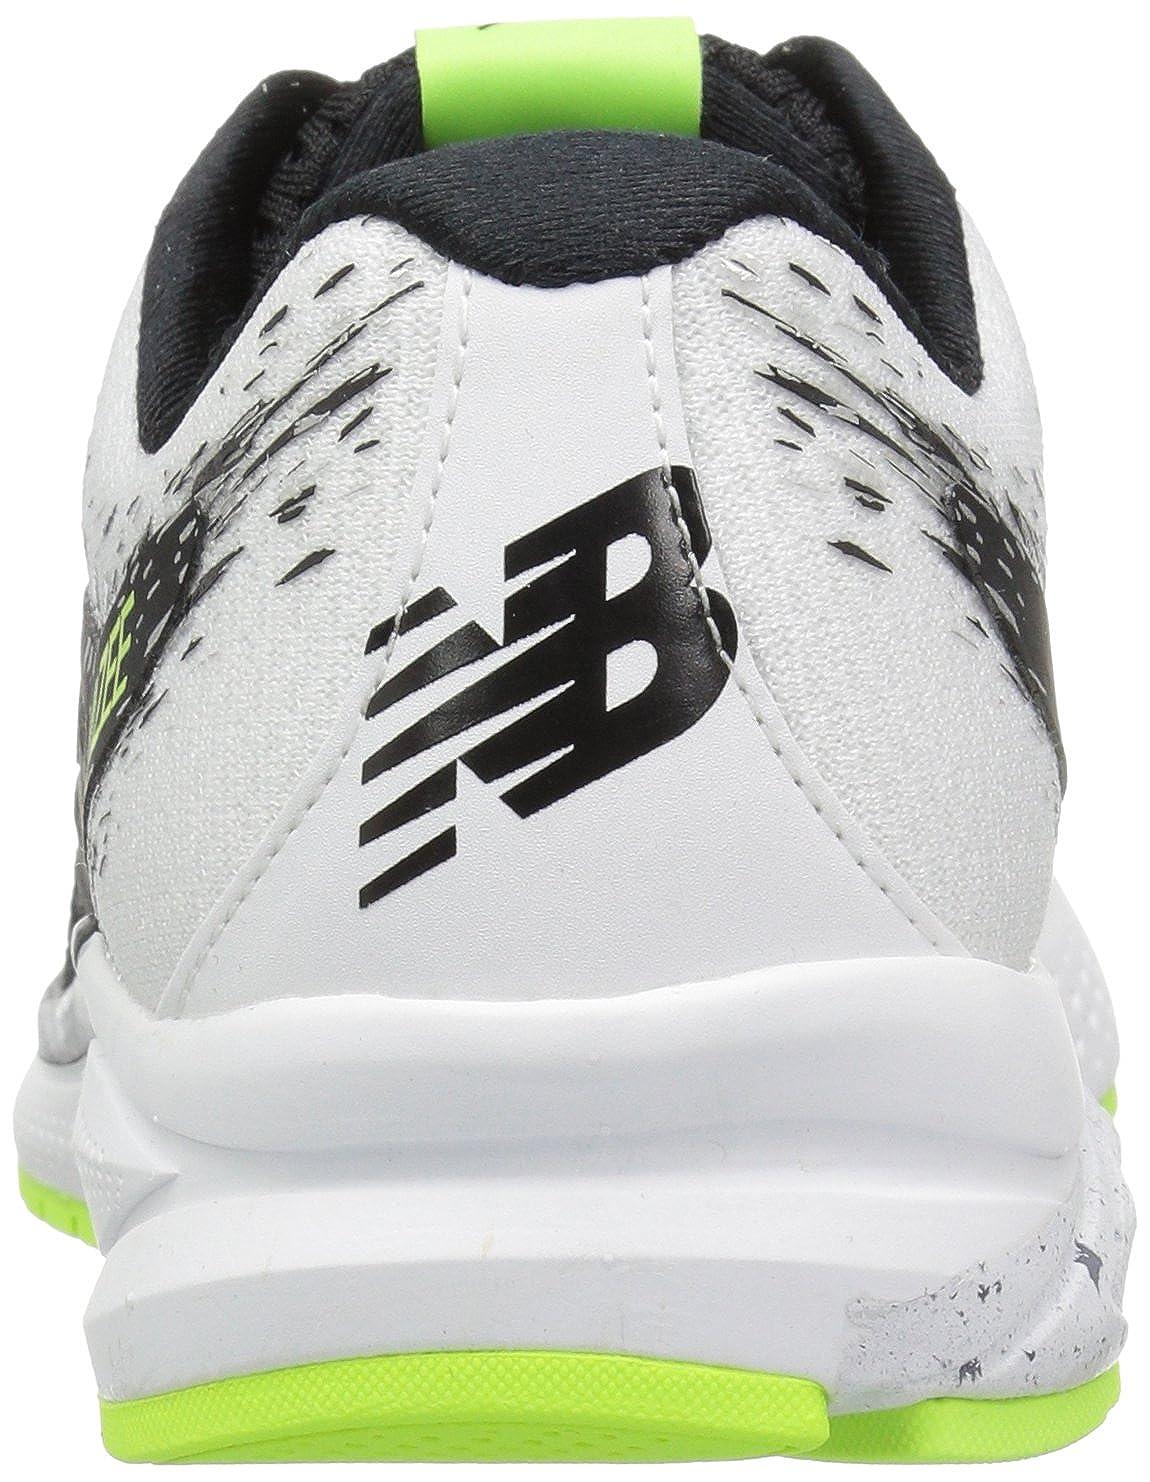 43c104b74 New Balance Women's Vazee Prism V2 Running Shoe